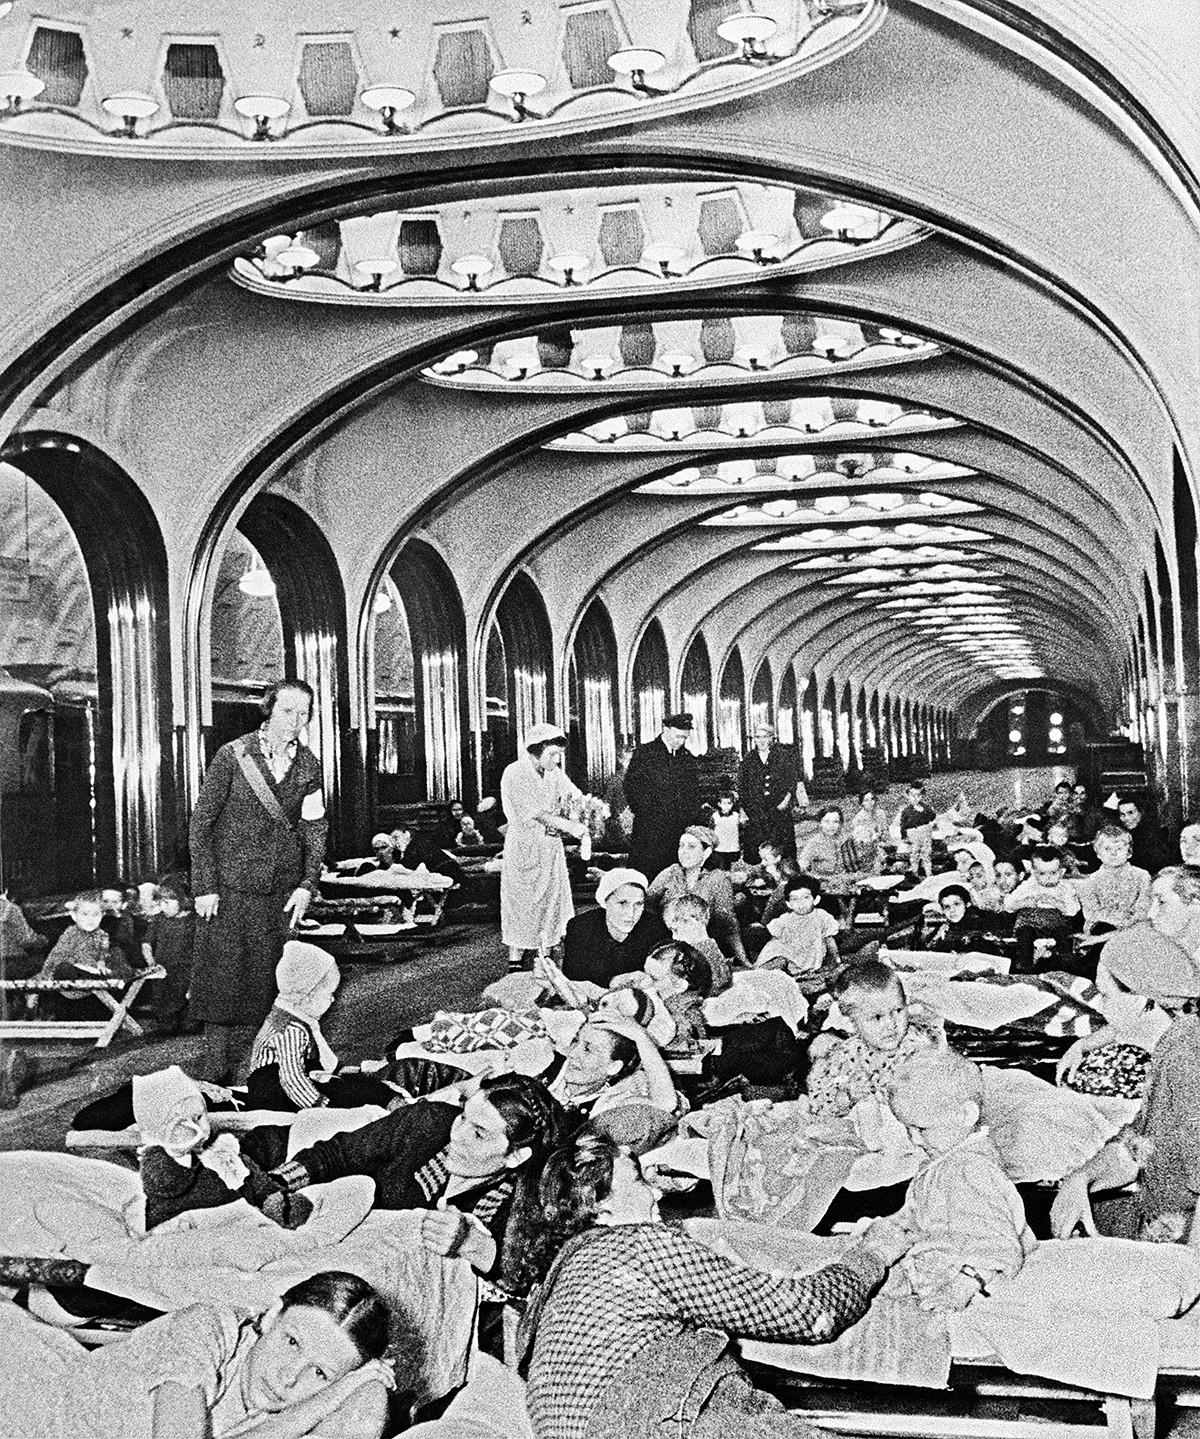 第二次世界大戦中、地下鉄マヤコフスカヤ駅 で避難しているモスクワ住民